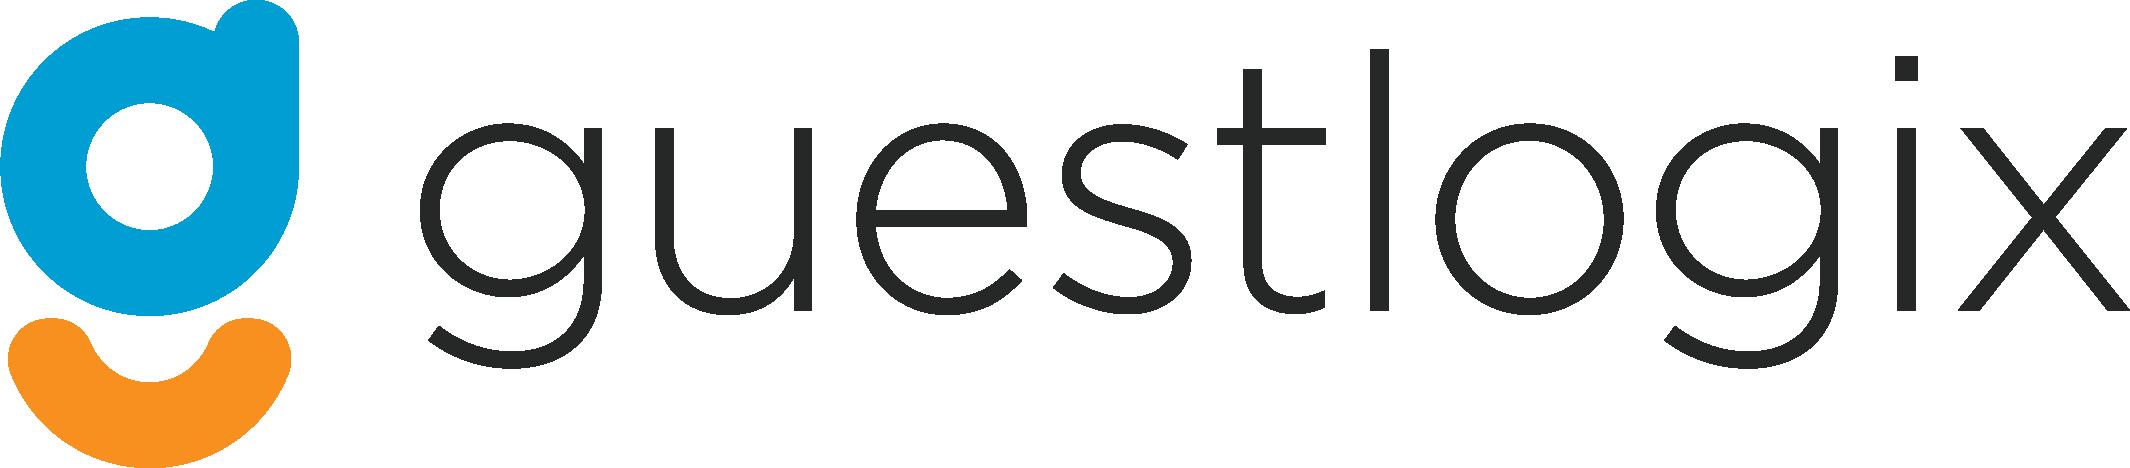 guestlogix_logo.png